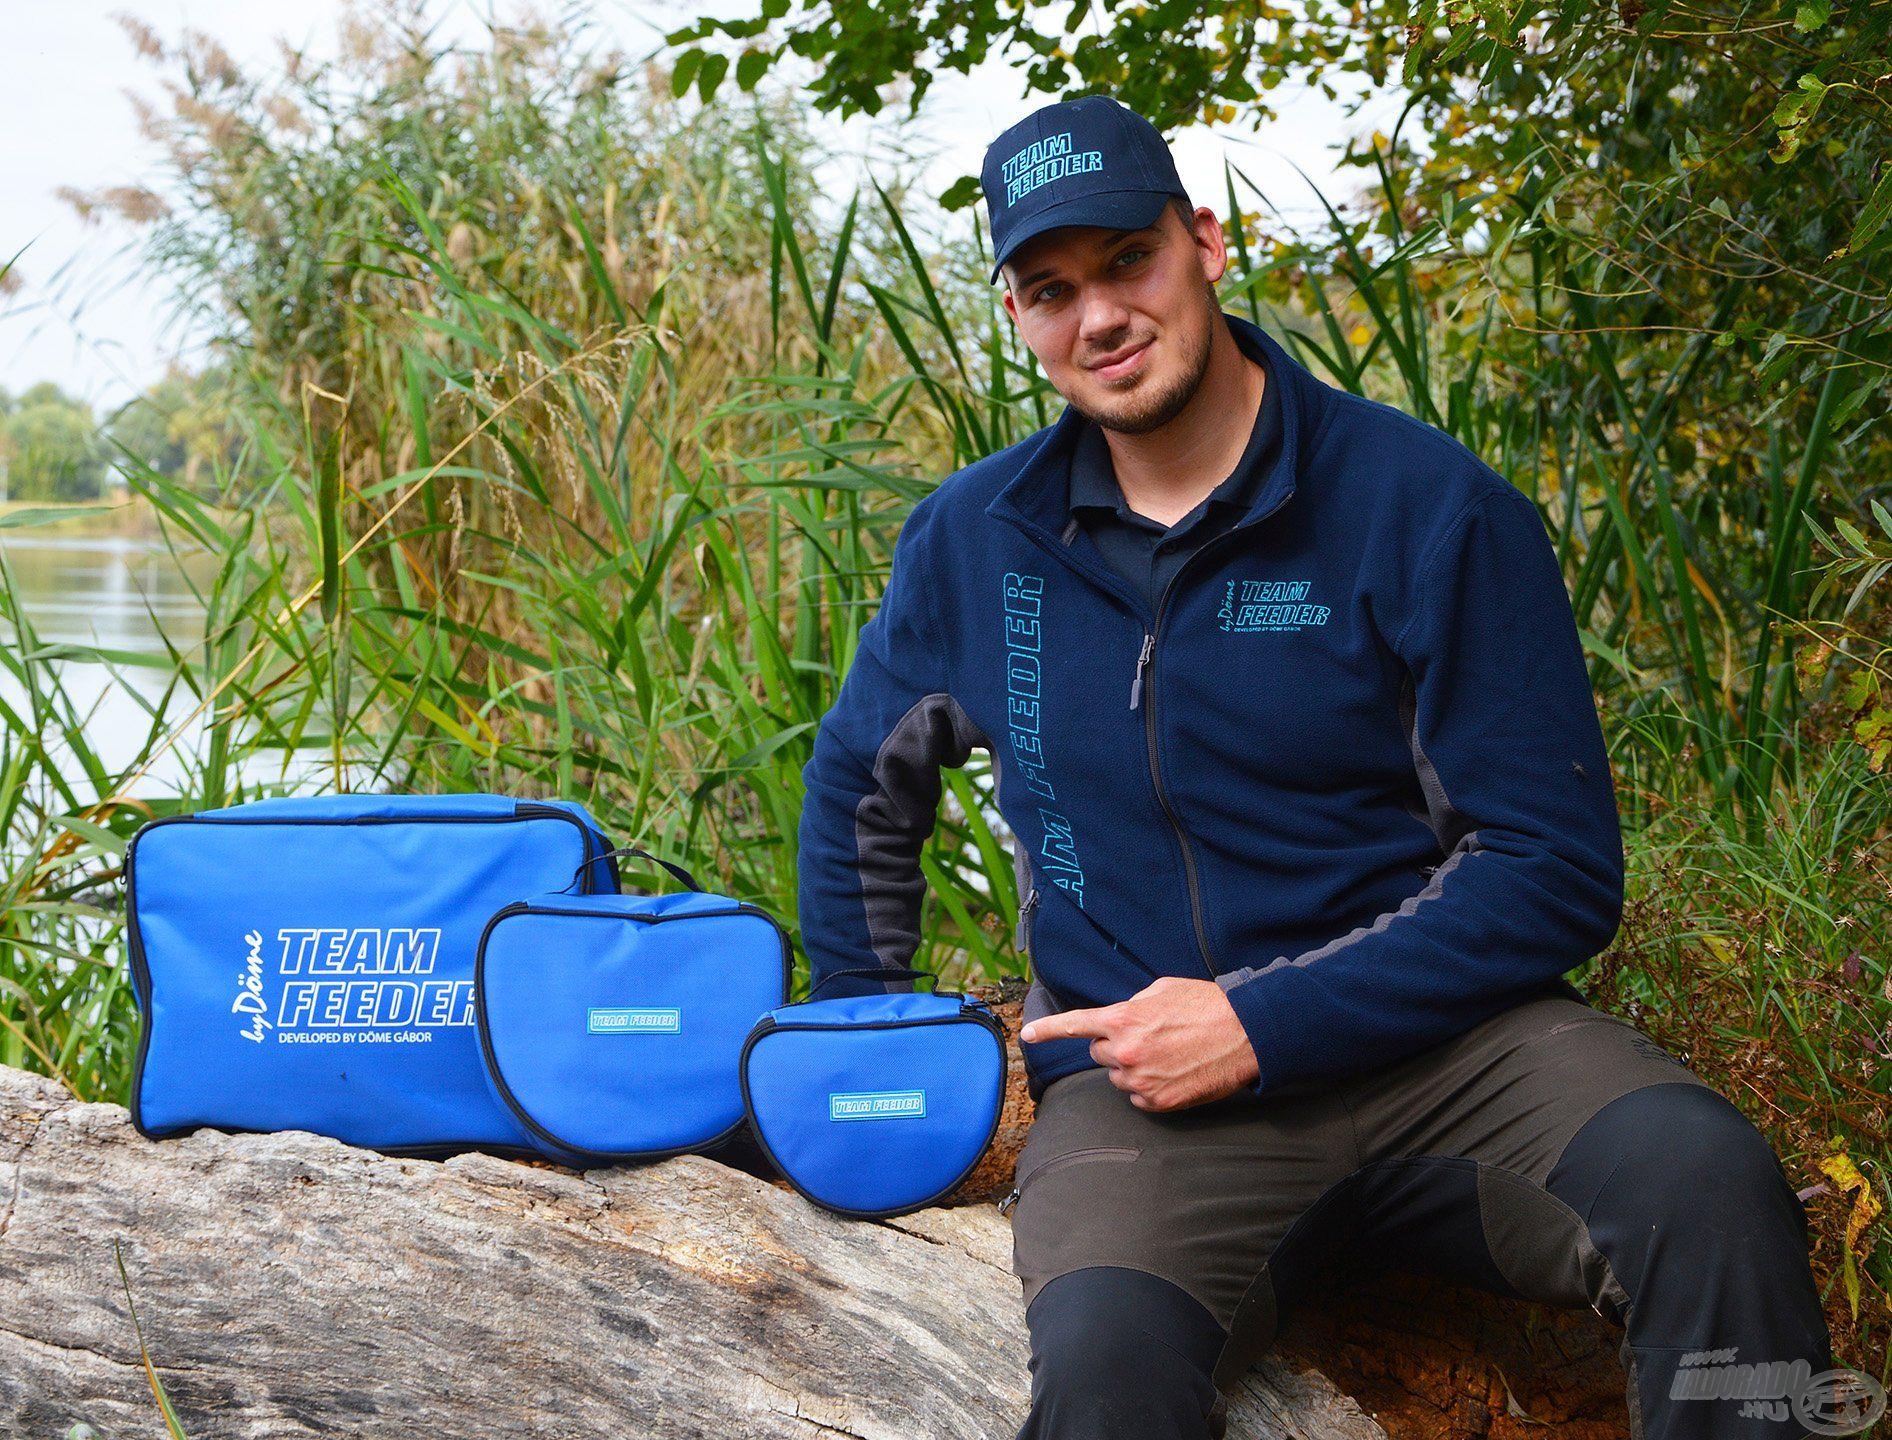 Akik szeretnék a tartalék orsóikat biztonságban tudni, azoknak való az új orsótartó táska kollekció